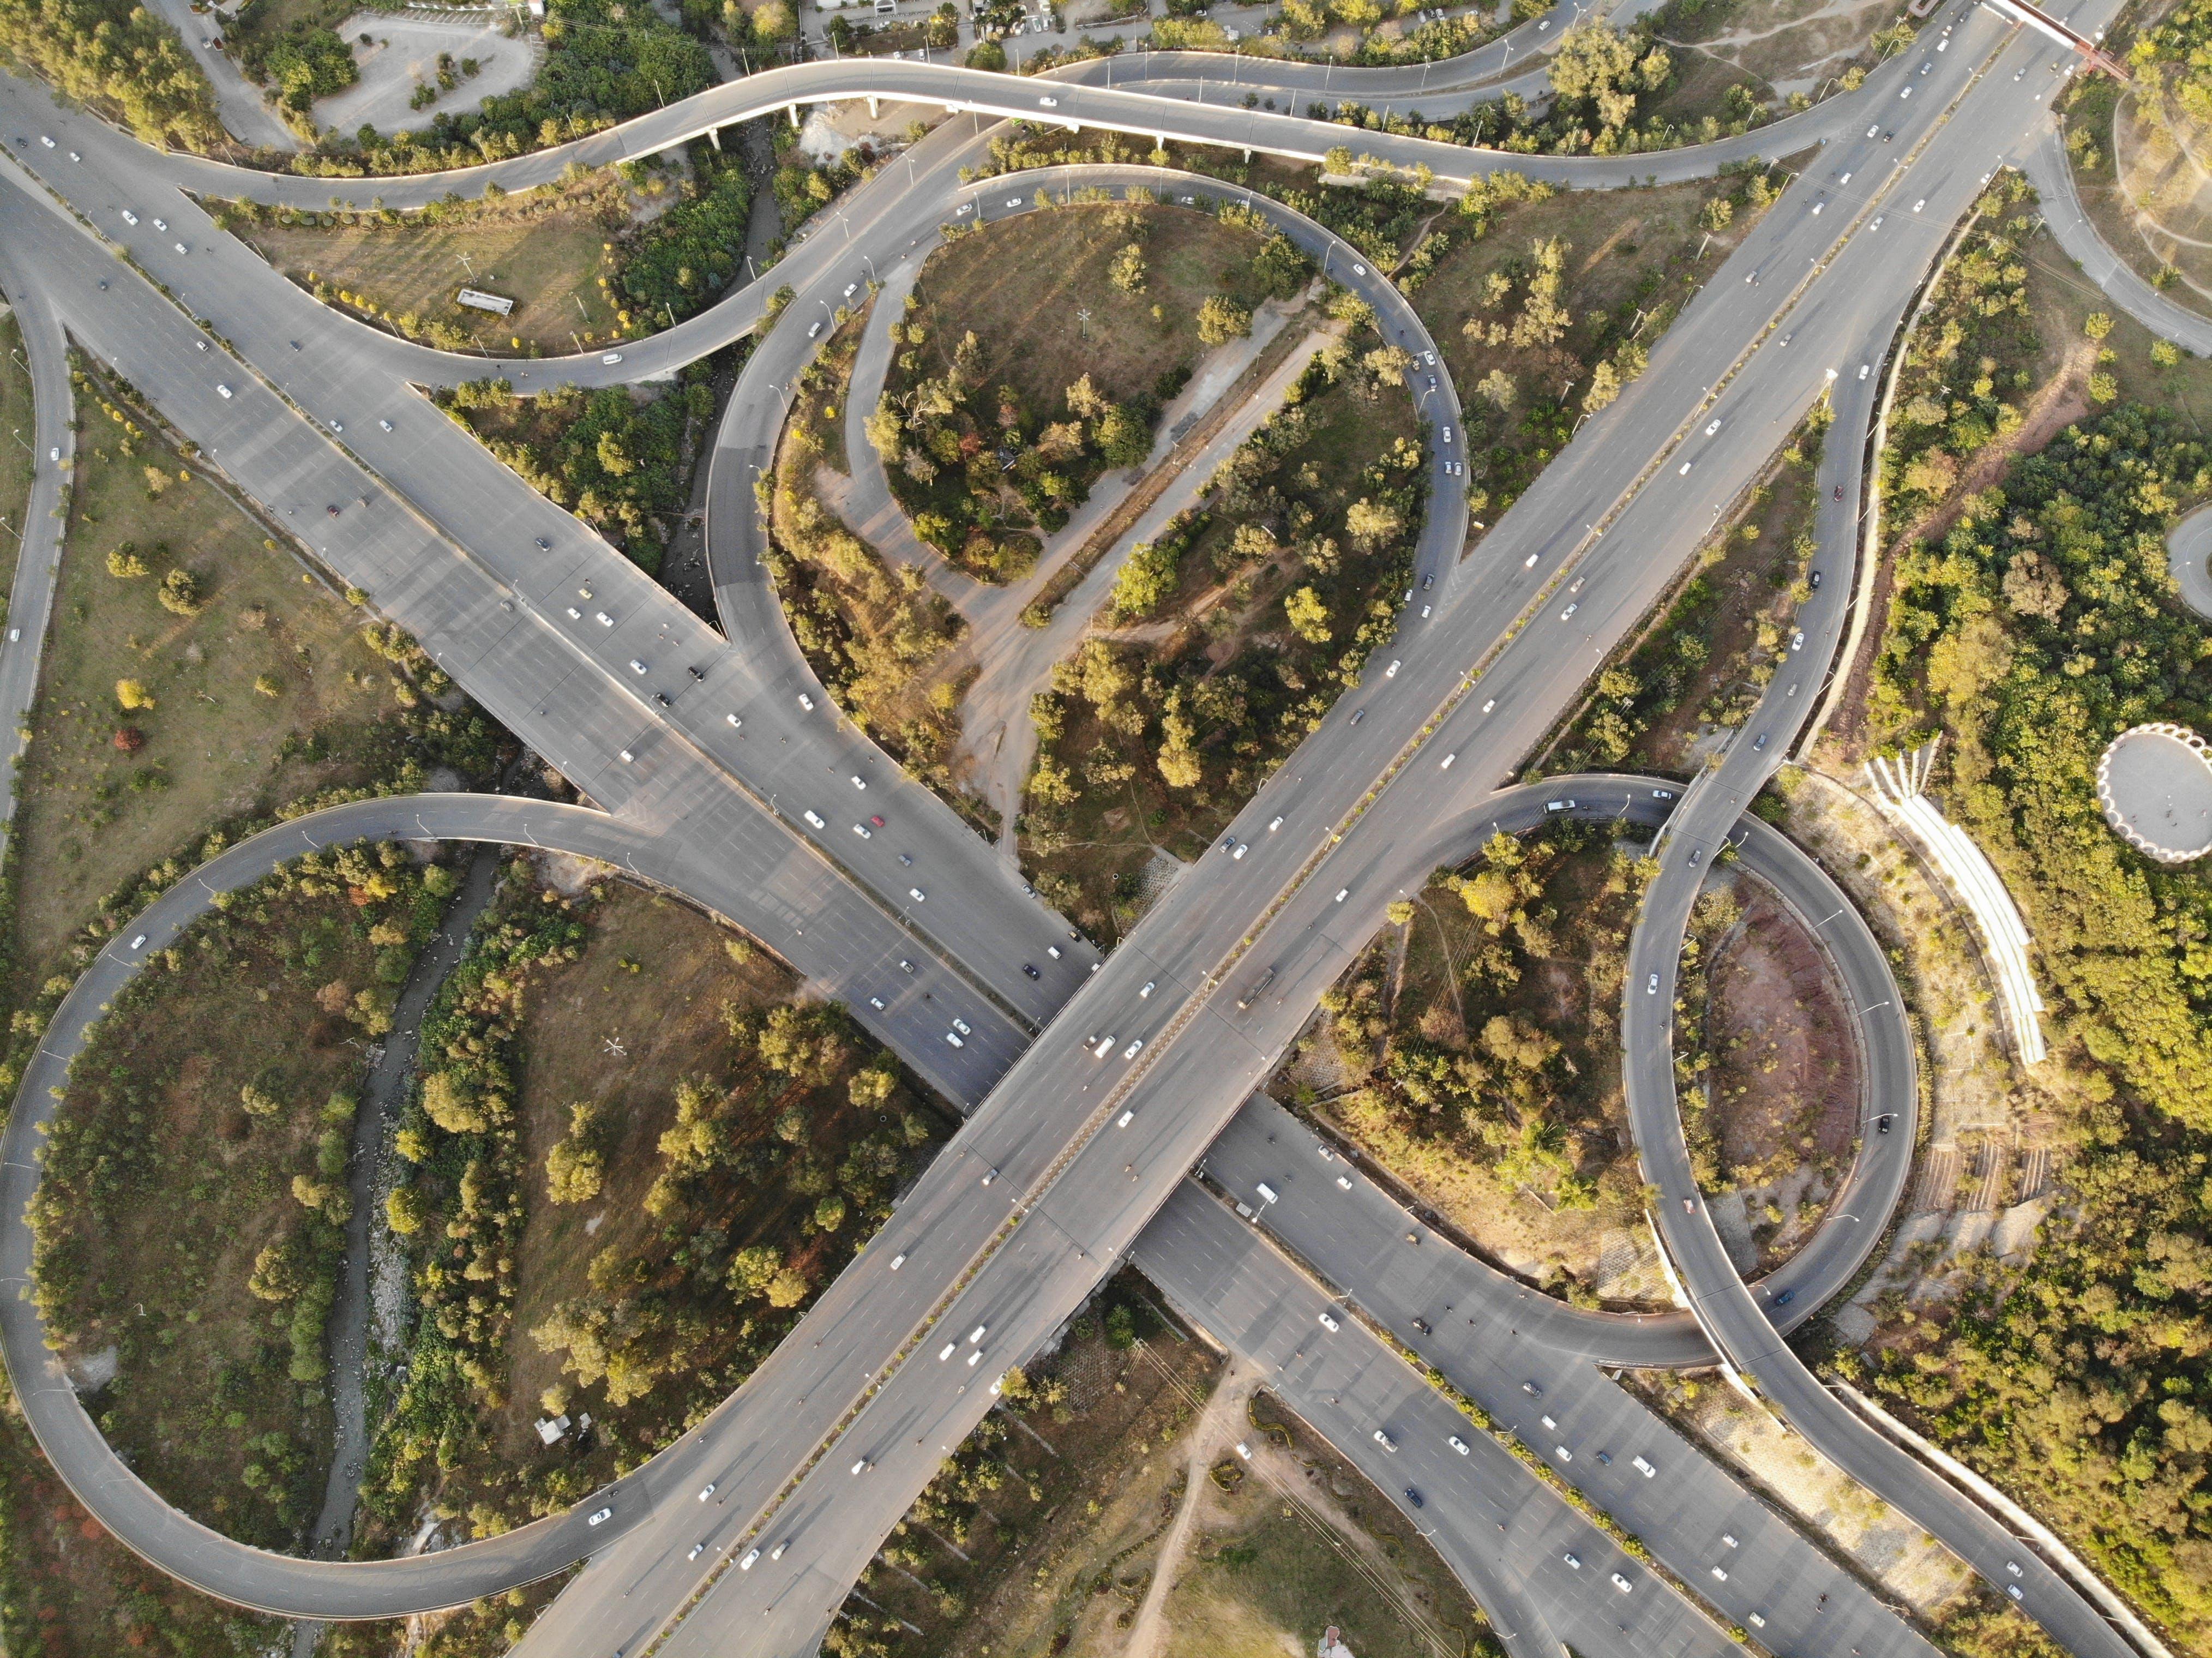 Kostenloses Stock Foto zu architektonisch, austausch, autobahn, beratung